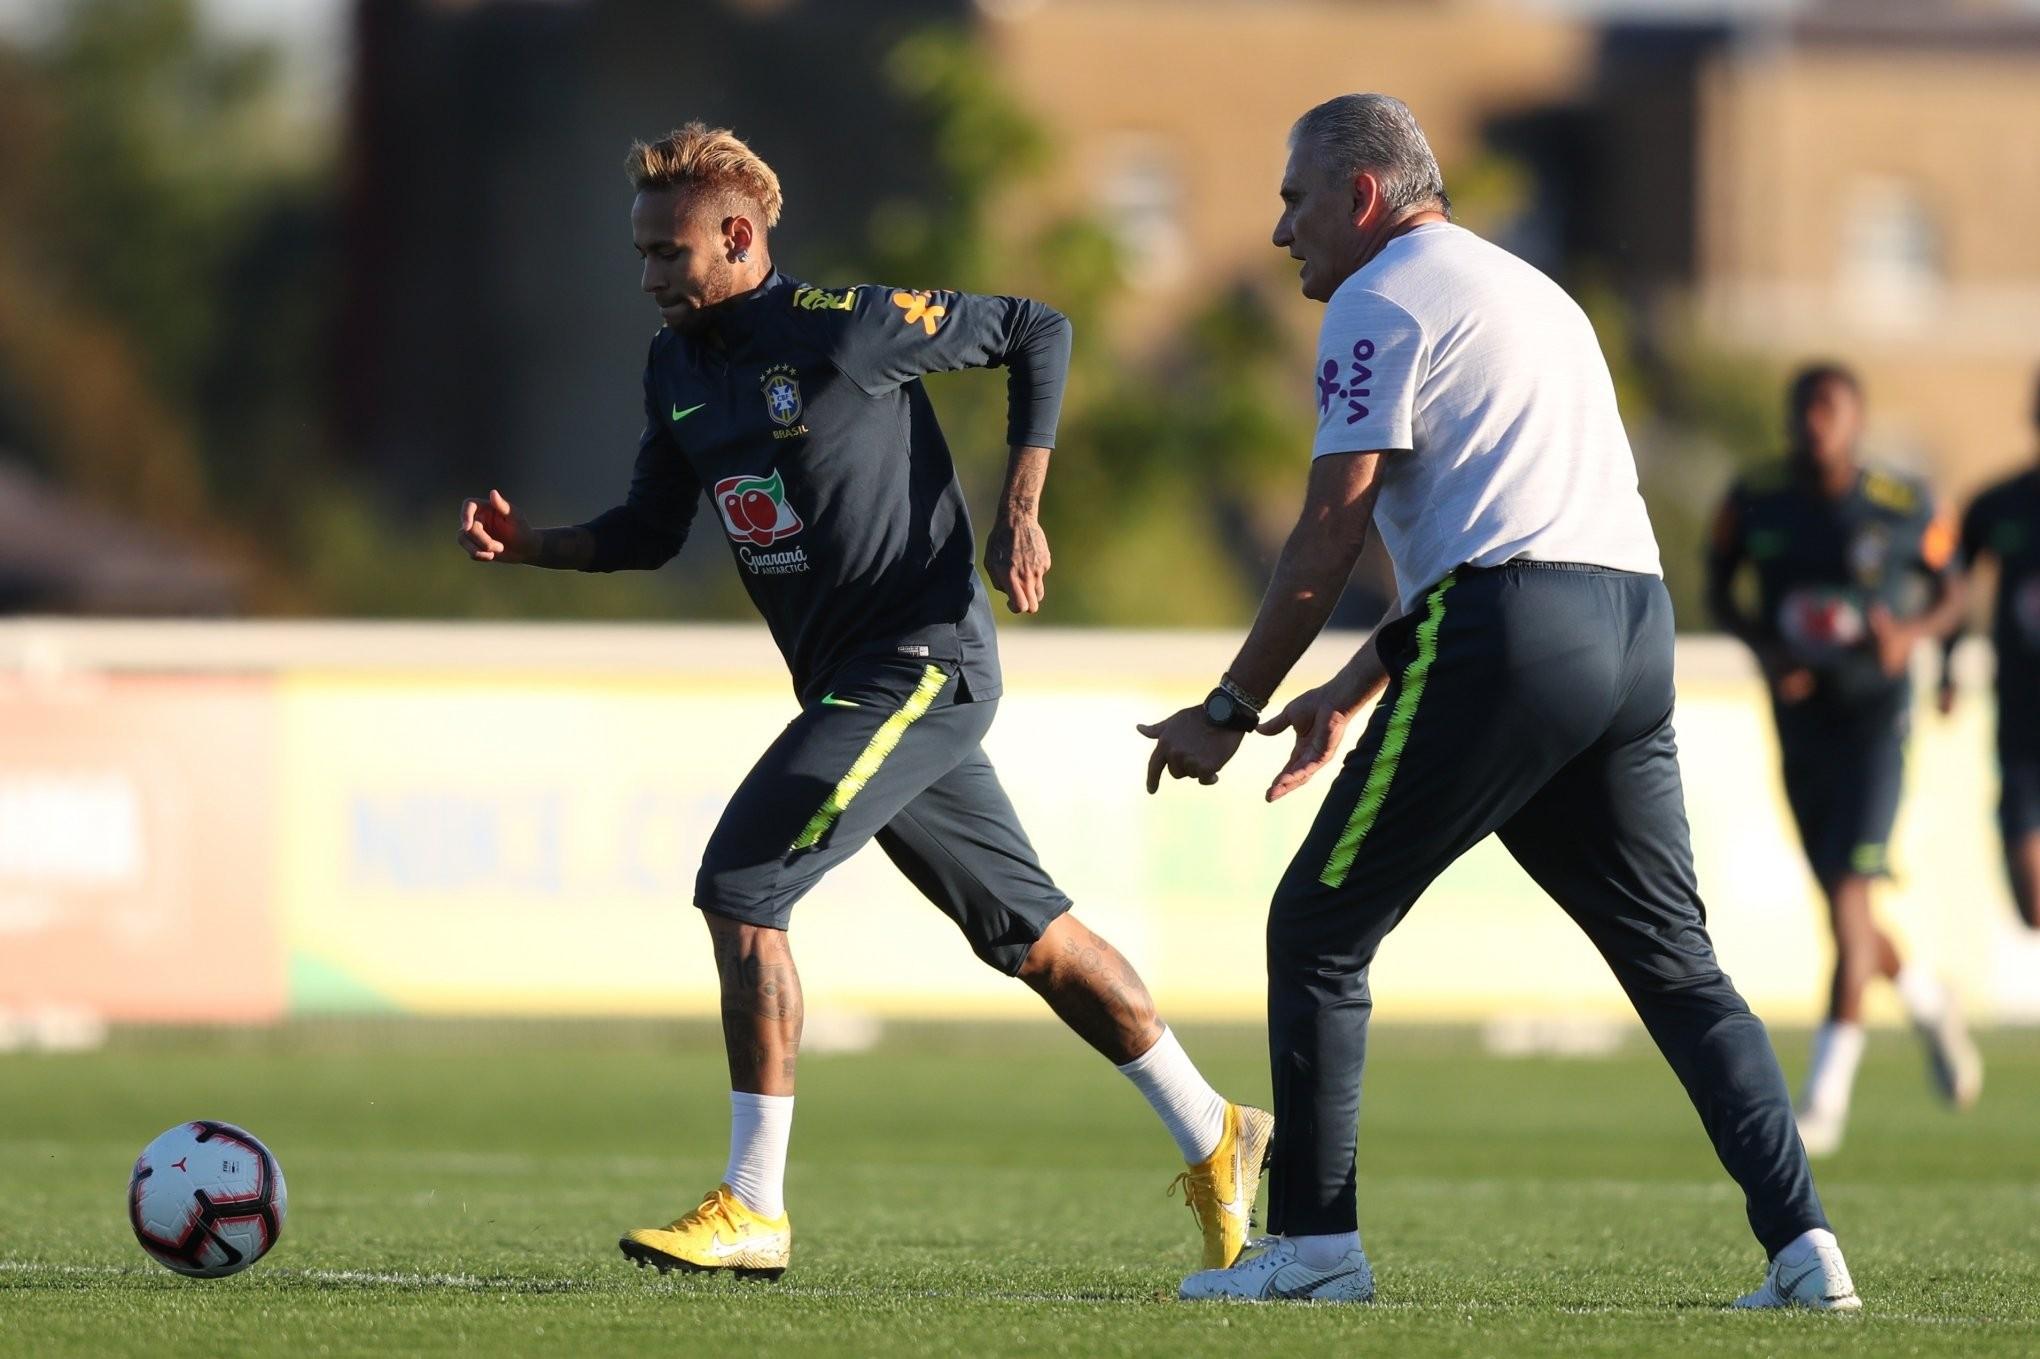 Descri§£o da foto Neymar sob a supervis£o do andante do Brasil